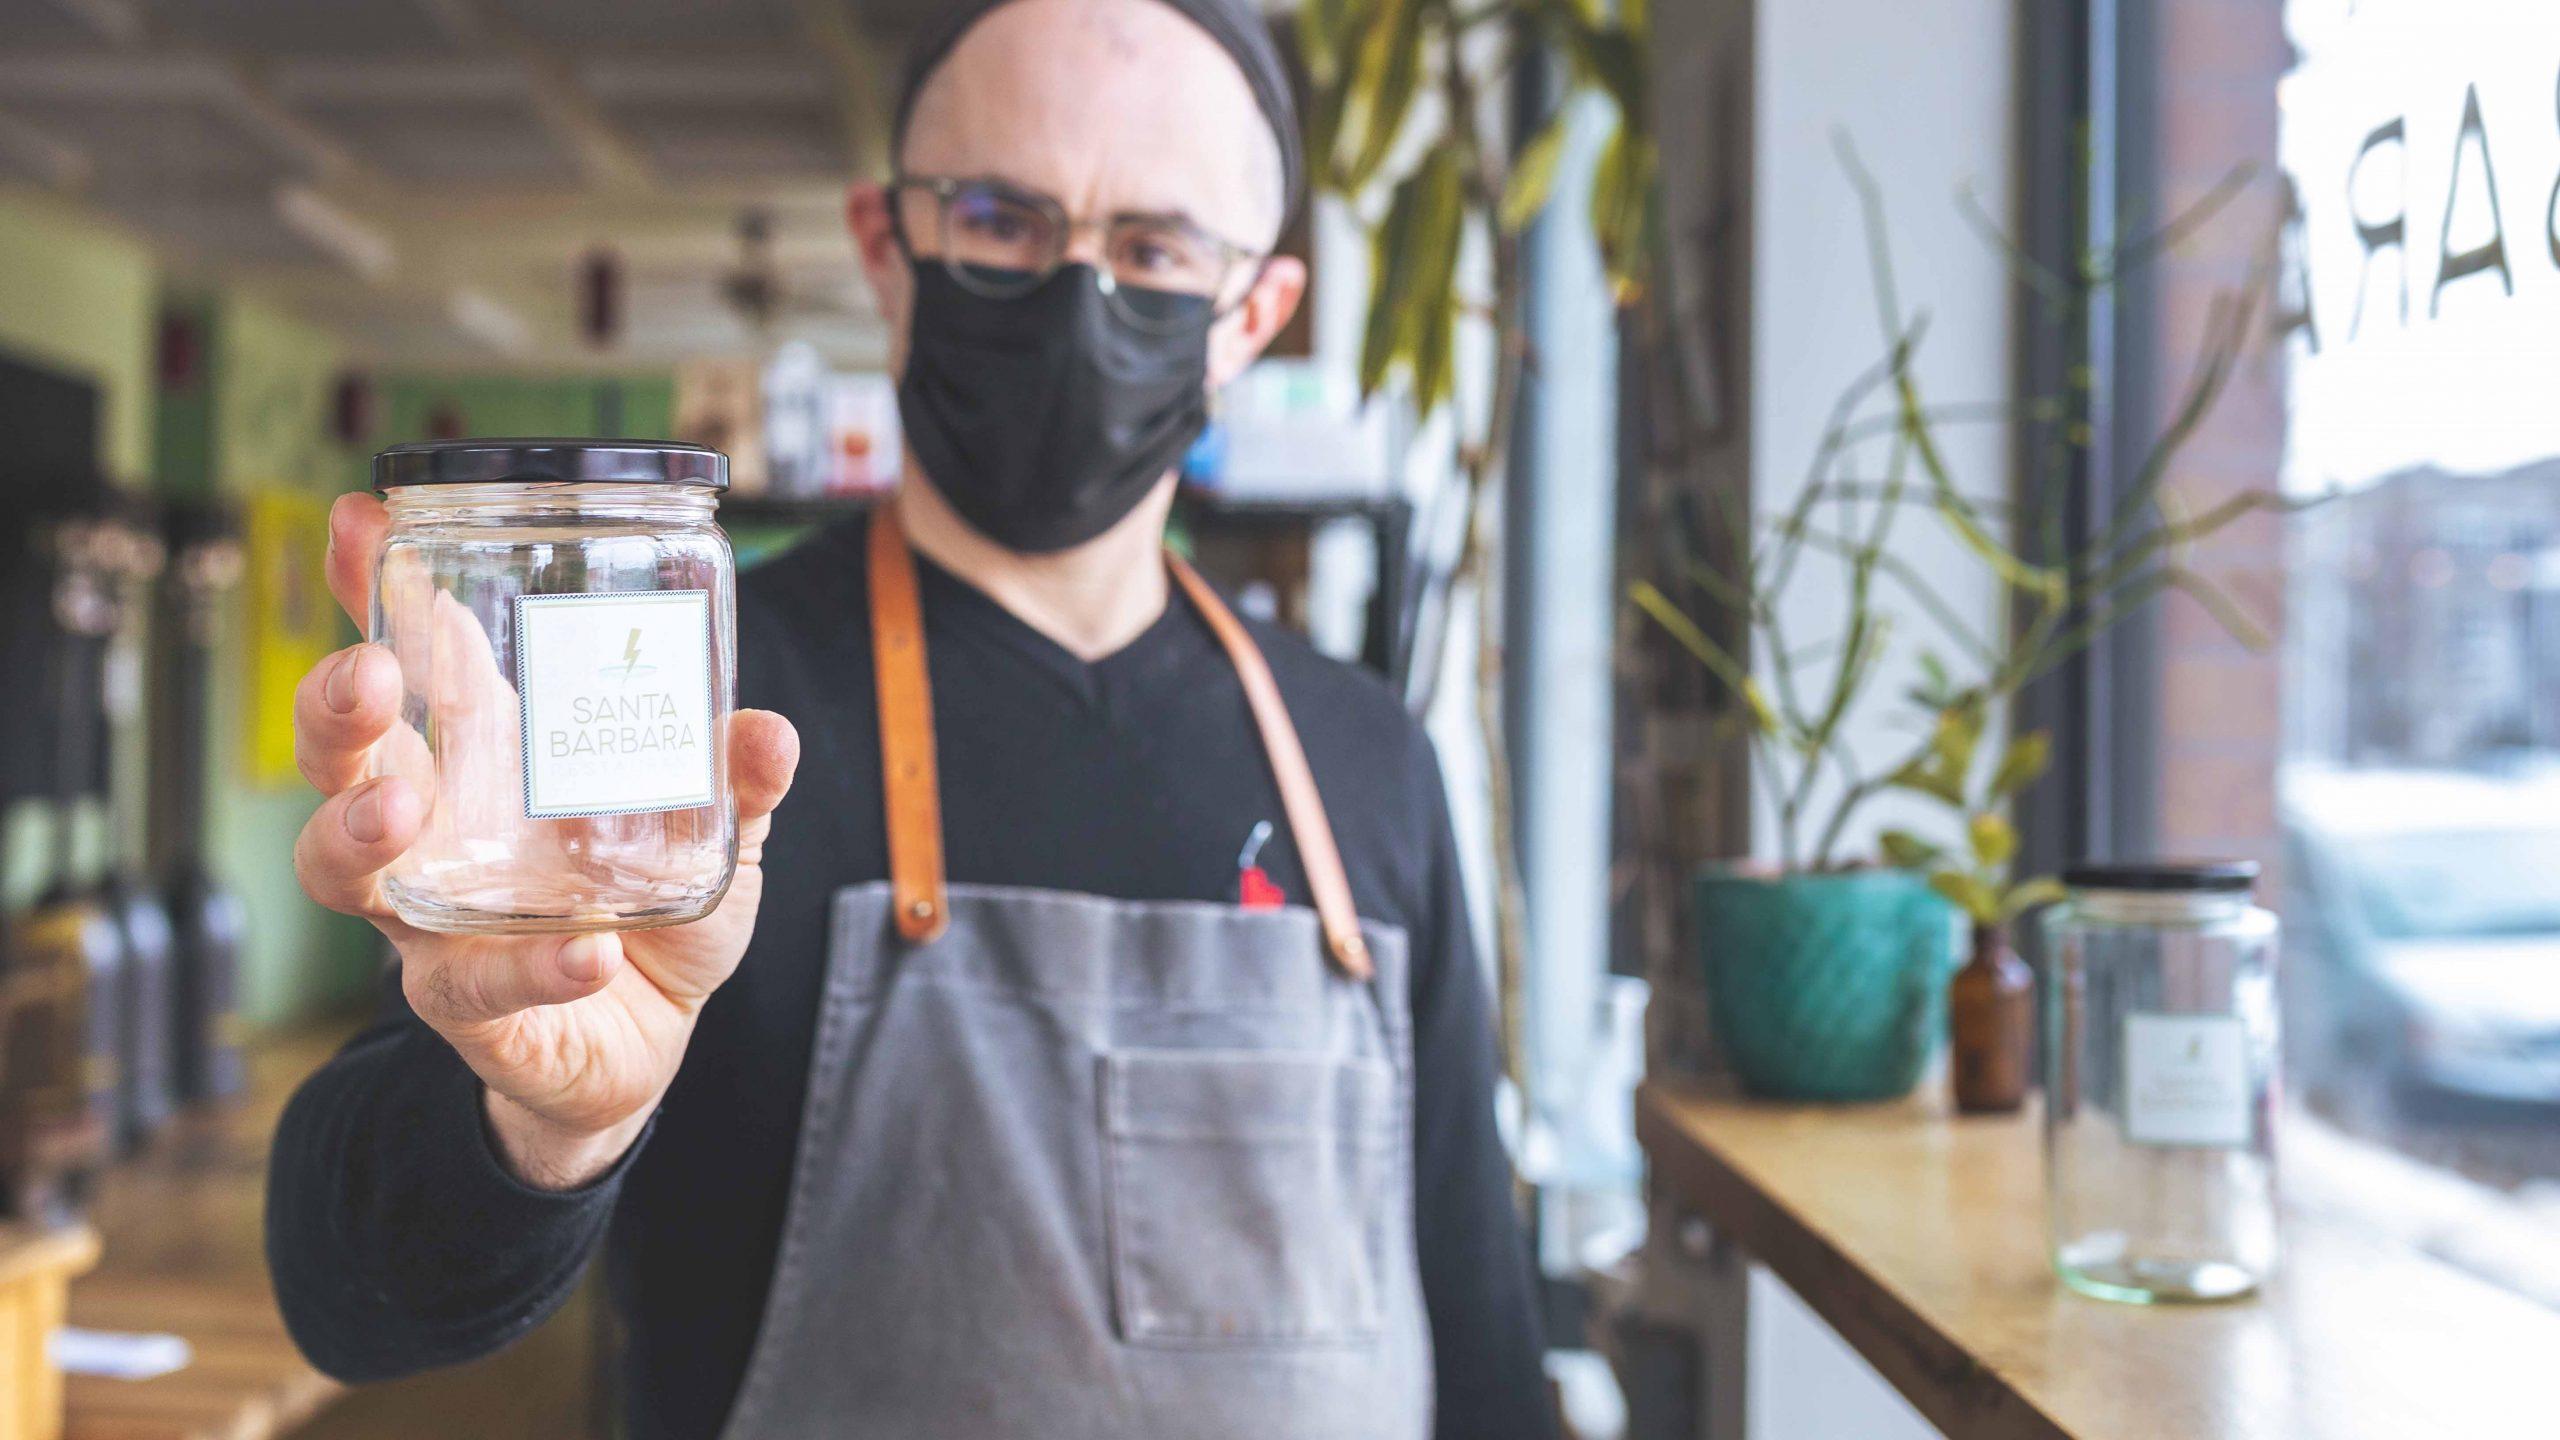 Des commerces adoptent les contenants réutilisables consignés